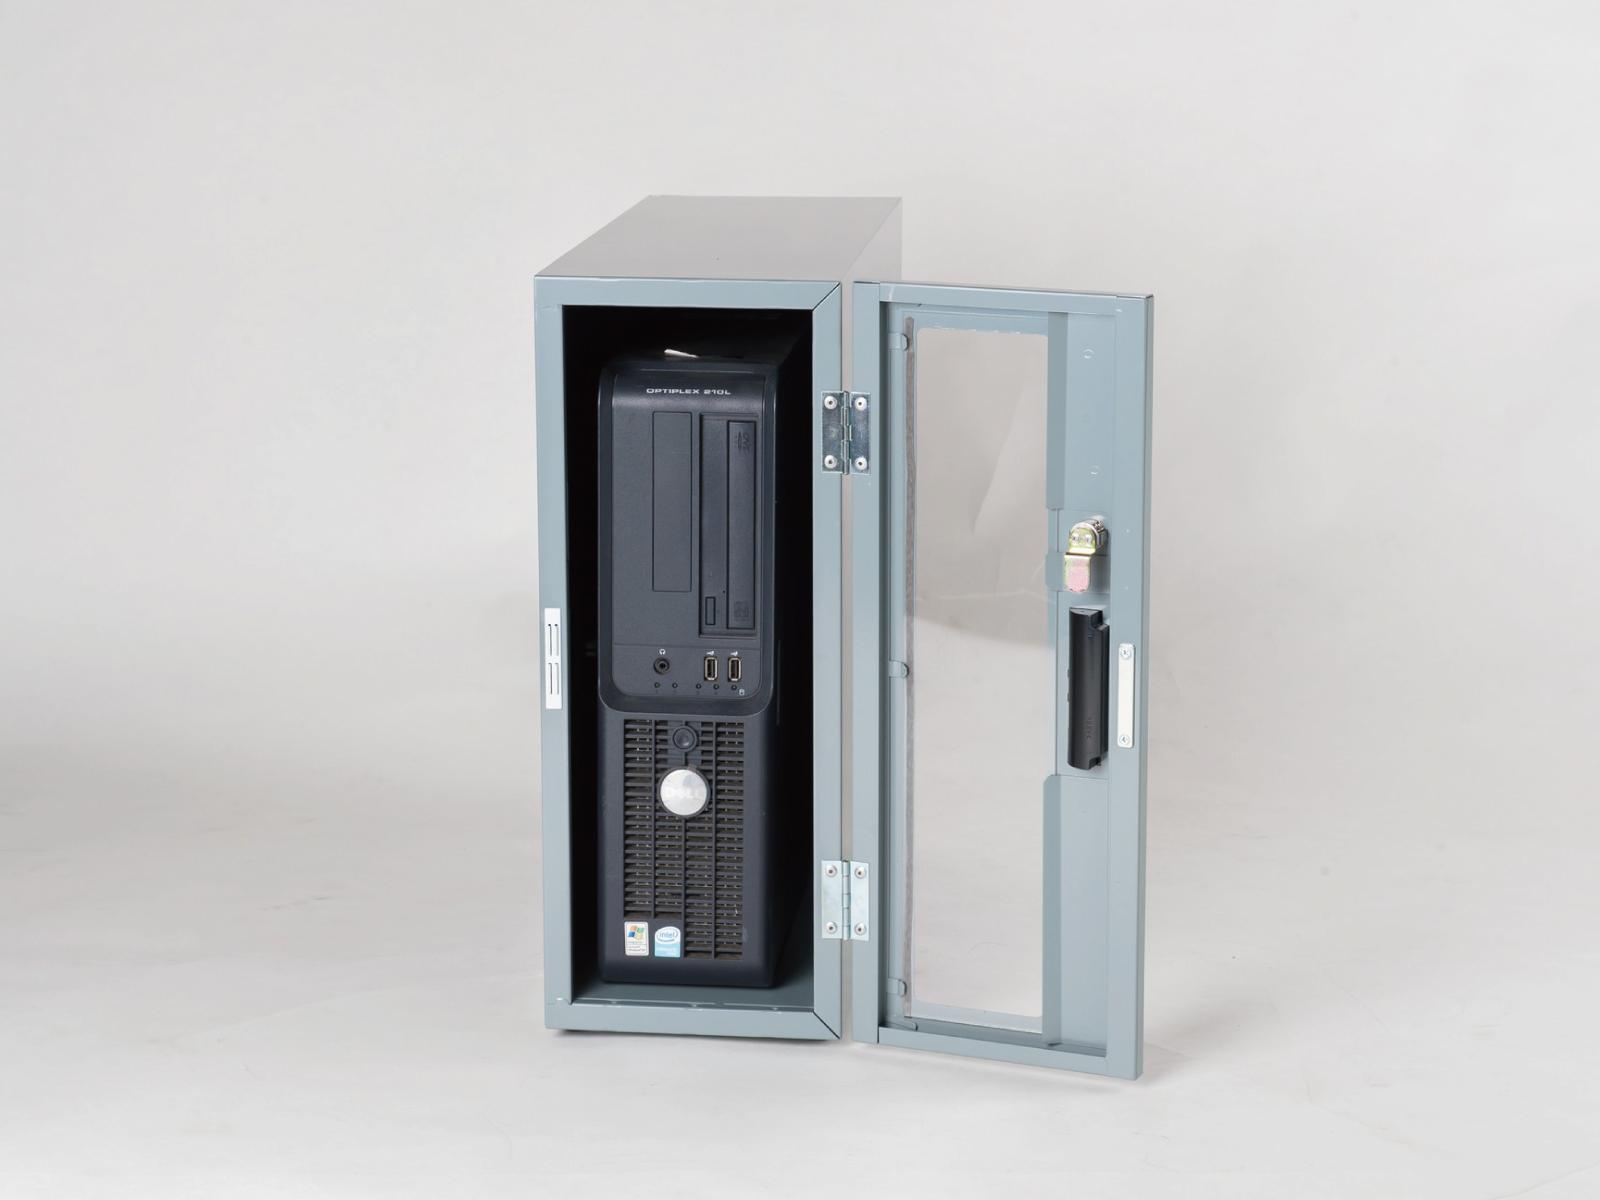 送料無料 防塵ラック PCケース ホコリ 排熱 盗難防止 工場使用可 セイテック Tidy Box CPU 3UG グレー